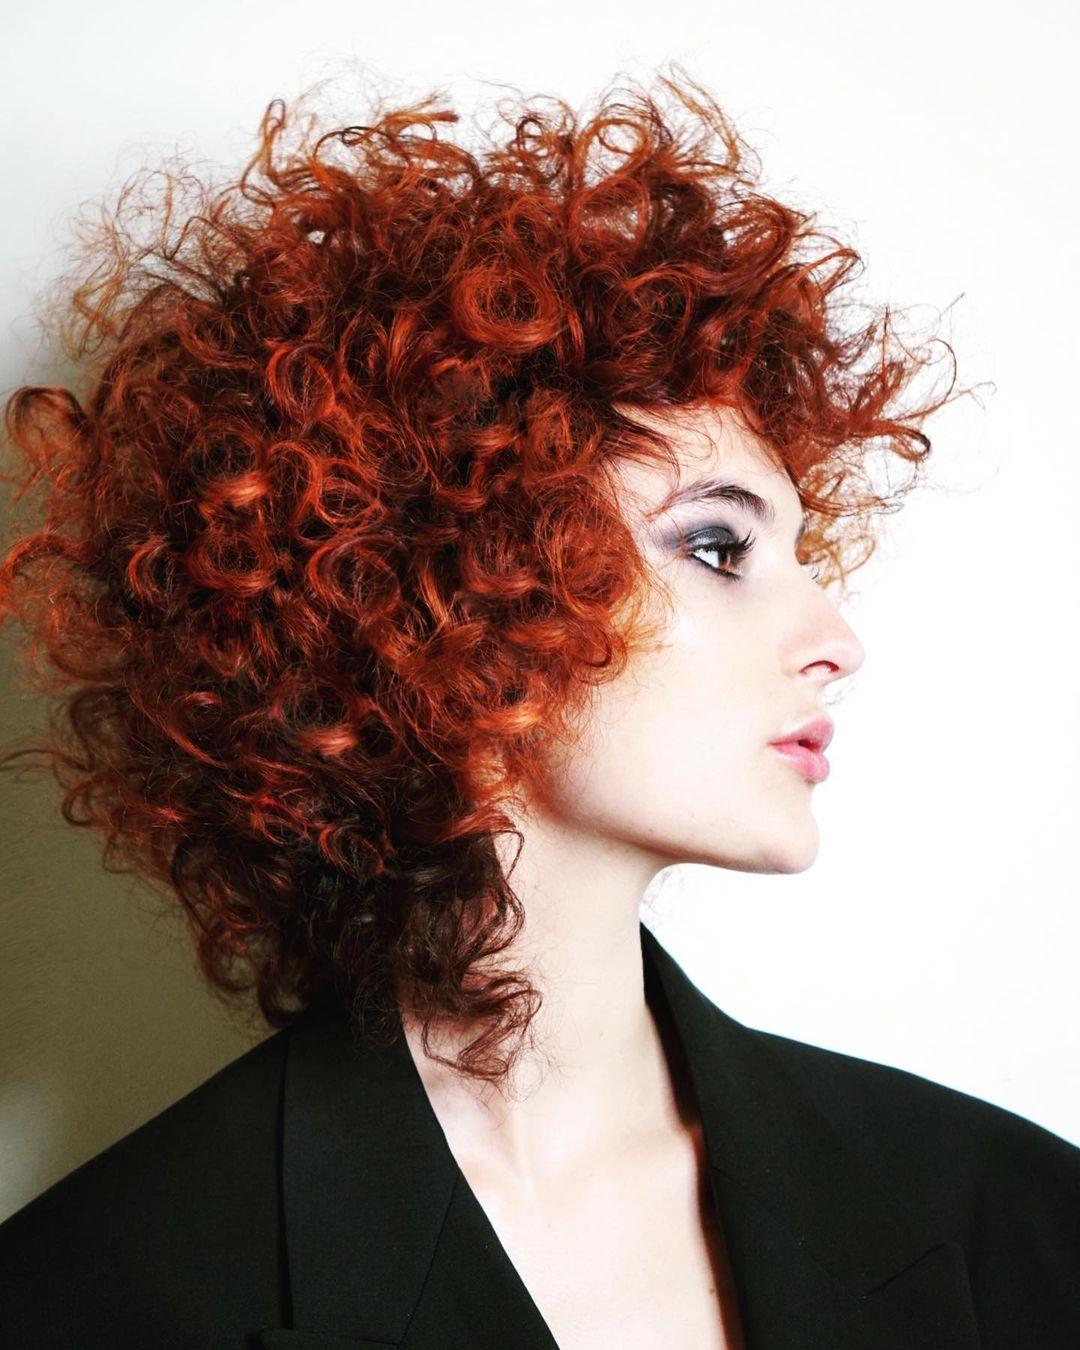 Einfache Alltagsfrisuren für mittellanges Haar - Mittlere Frisur mit Farbideen 2021 -2022